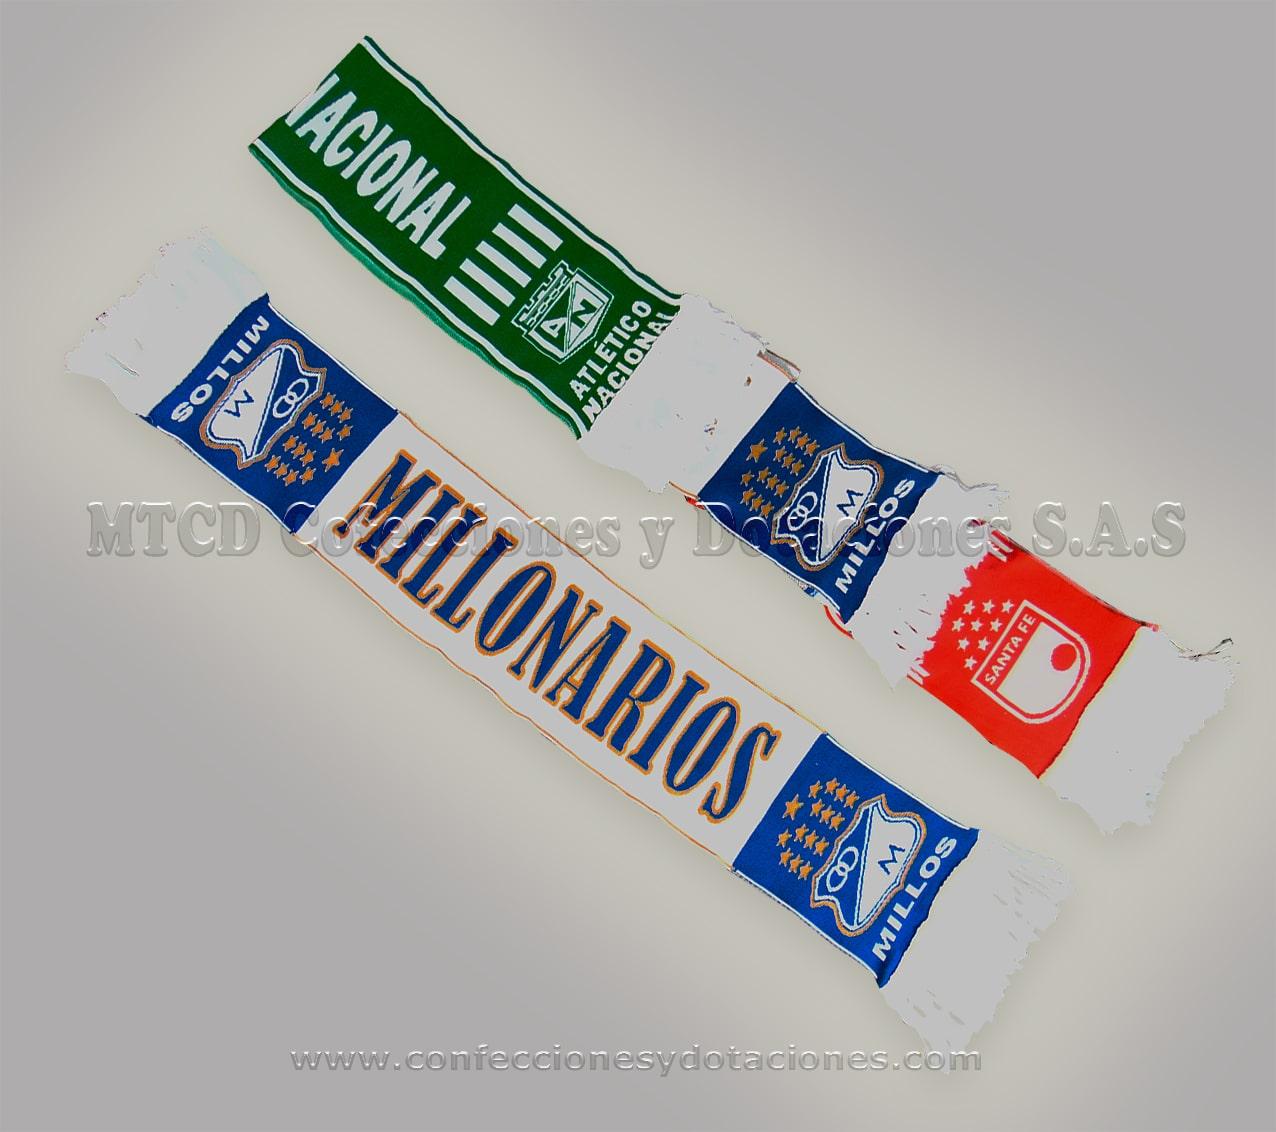 Bufandas promocionales o publicitarias fabrica